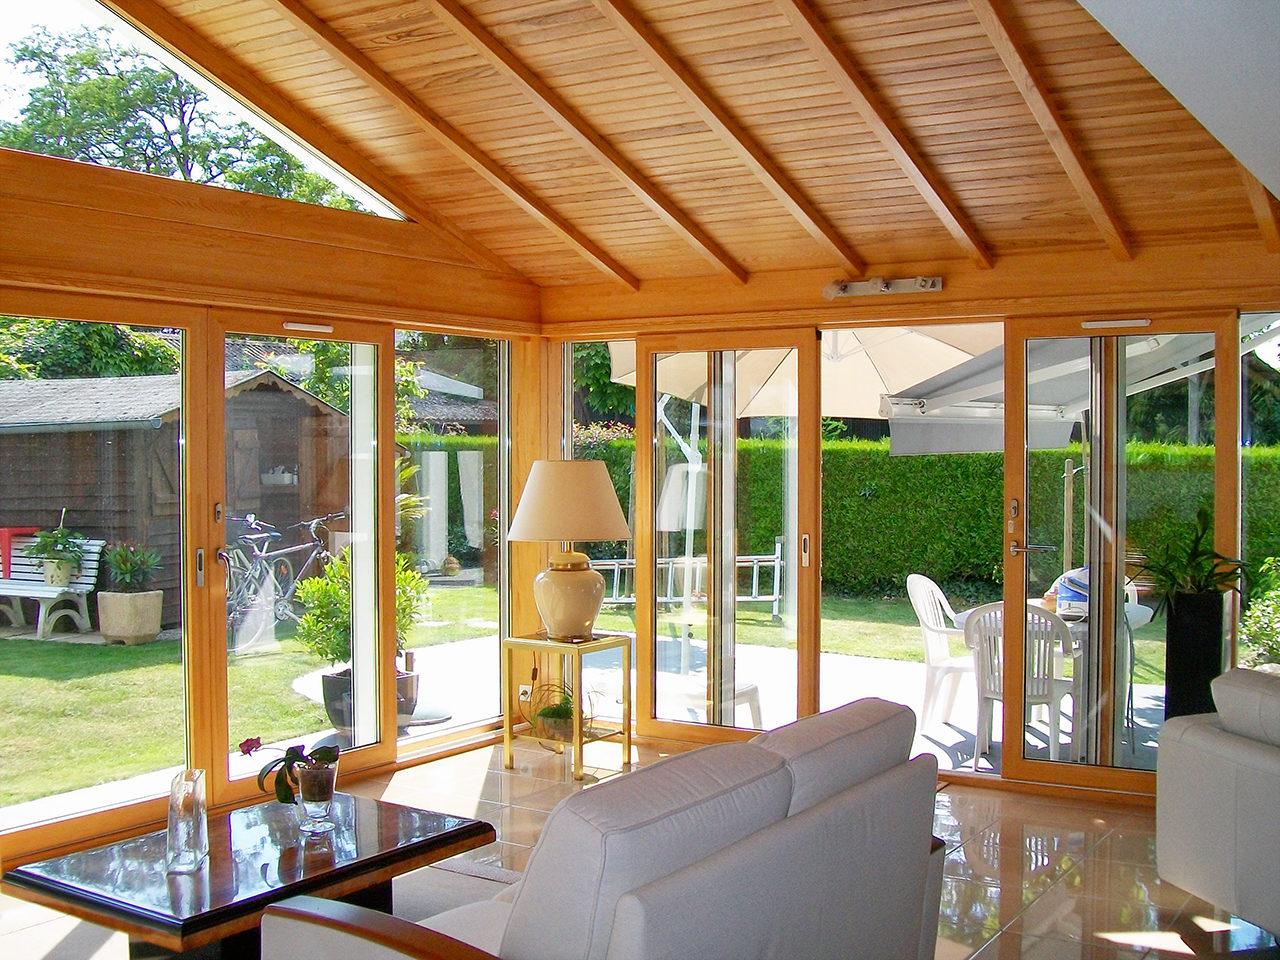 Extension vitrée pour plus de clarté - Padiou Véranda